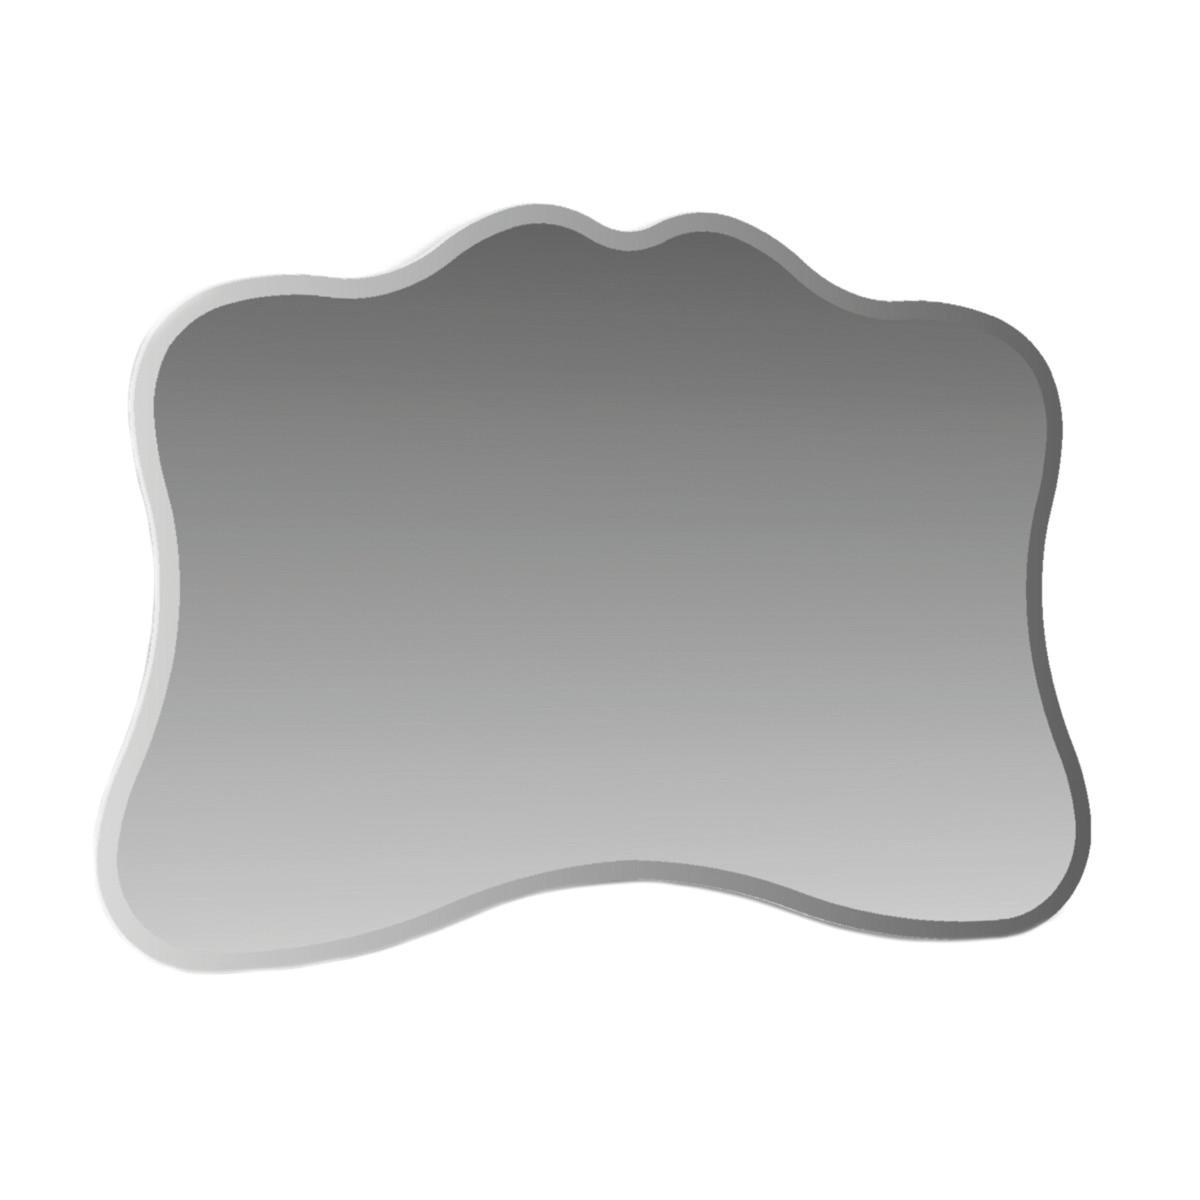 Specchio con faretto Old Style 60 x 80 cm: prezzi e offerte online